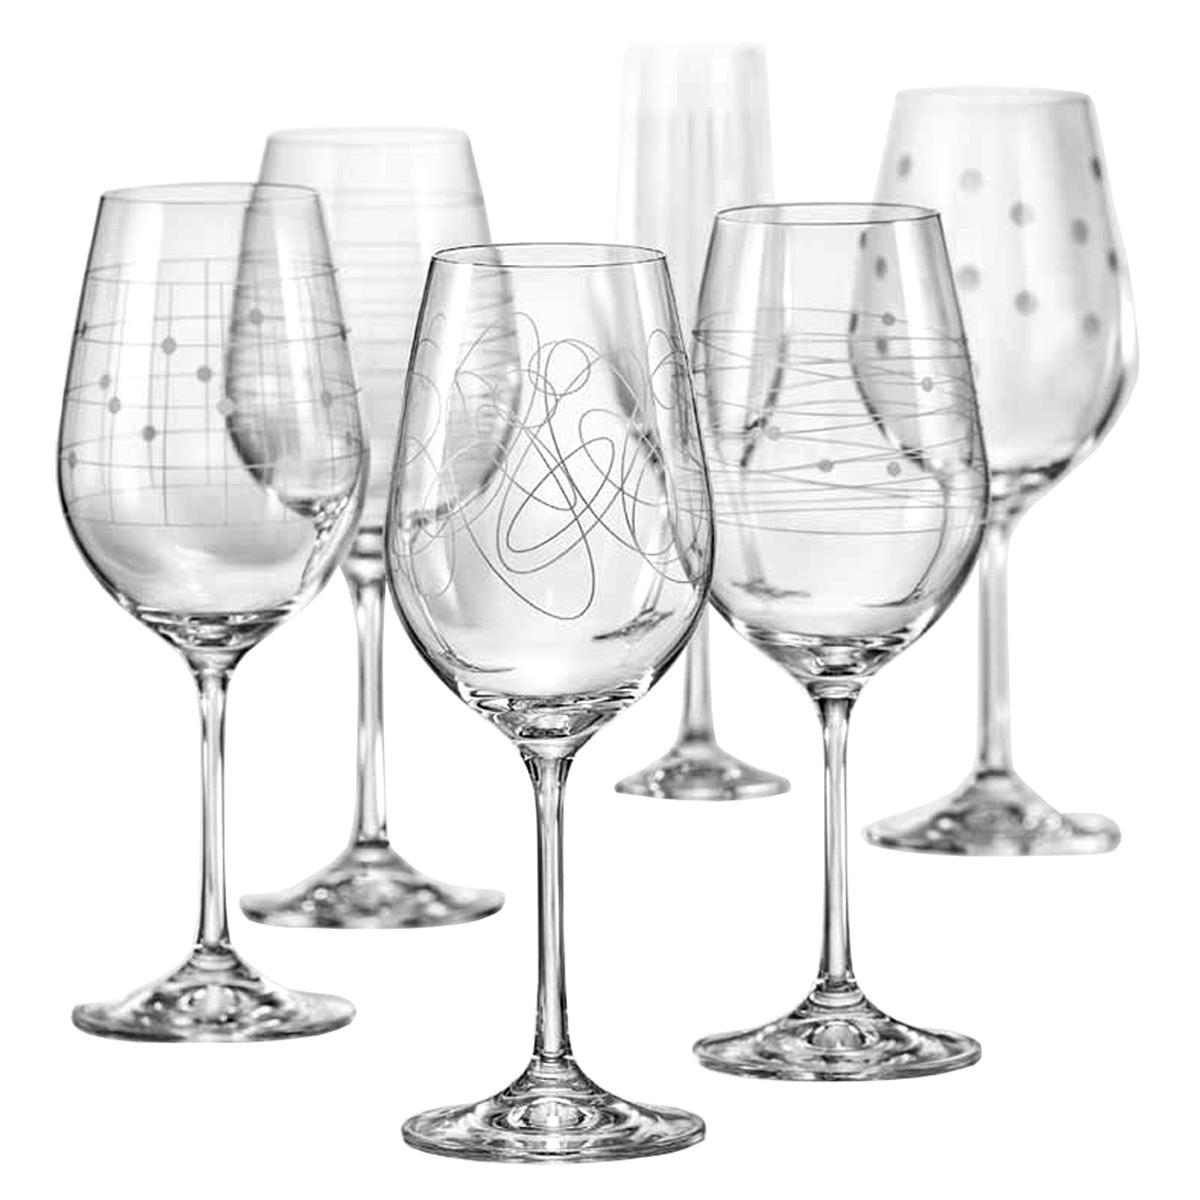 Набор бокалов для вина Bohemia Crystal Виола. Elements, 450 мл, 6 шт40729/379712/450Бокалы для вина Bohemia Crystal коллекции Виола порадуют не только вас, но и ваших гостей. Они обладают привлекательным внешним видом, а материалом их изготовления является высококачественное хрустальное стекло. Кроме того, красоту бокала подчеркивает элегантная форма ножки. Объем бокала 450 мл. Количество в упаковке 6 шт.